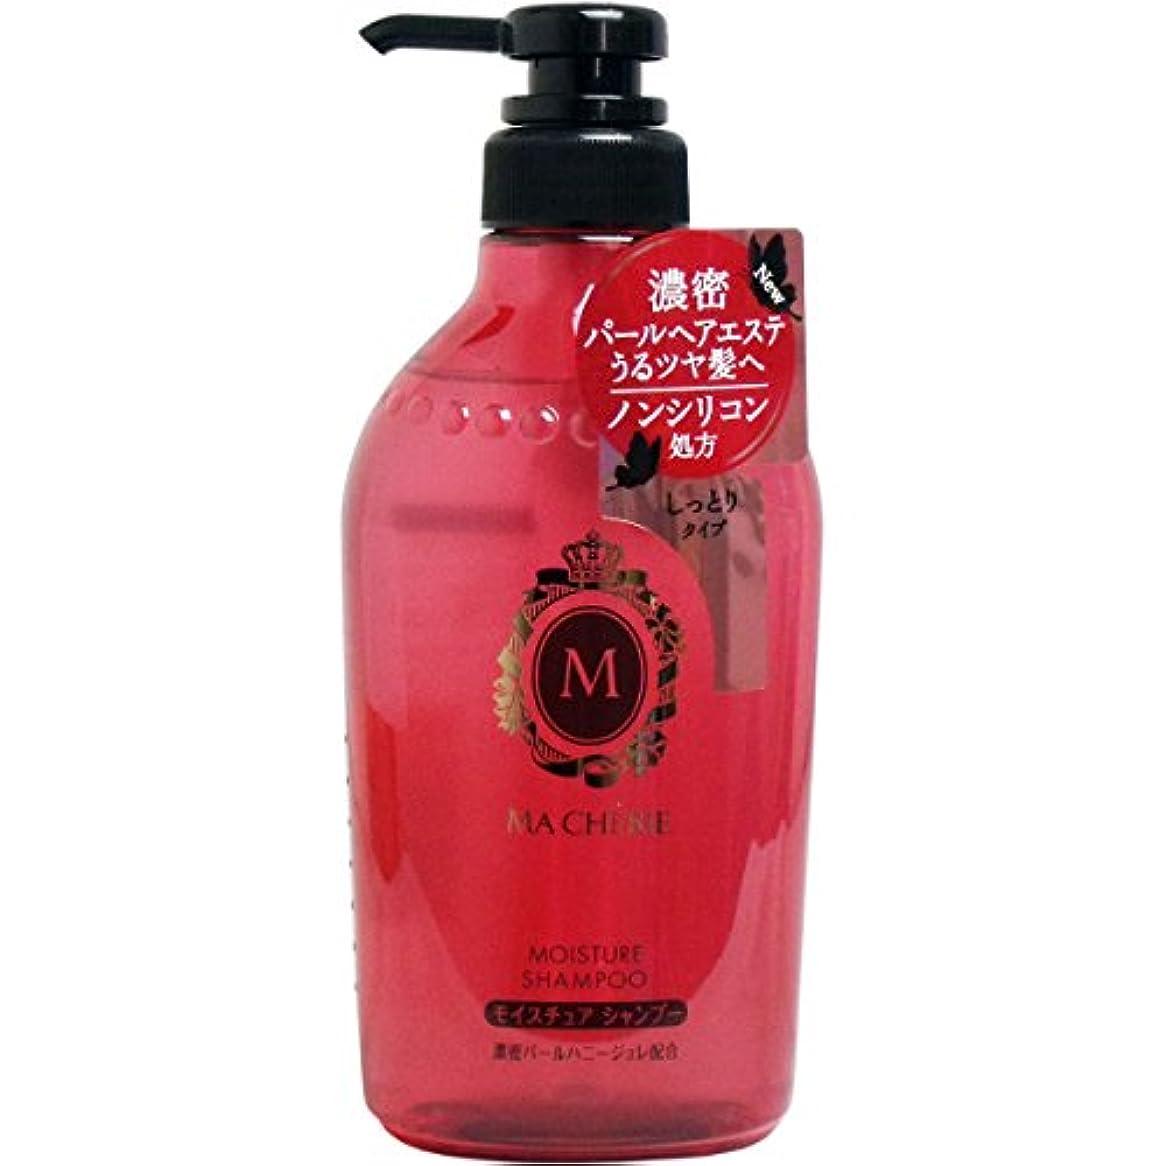 (資生堂)マシェリ モイスチュアシャンプーEX 450ml(お買い得3個セット)